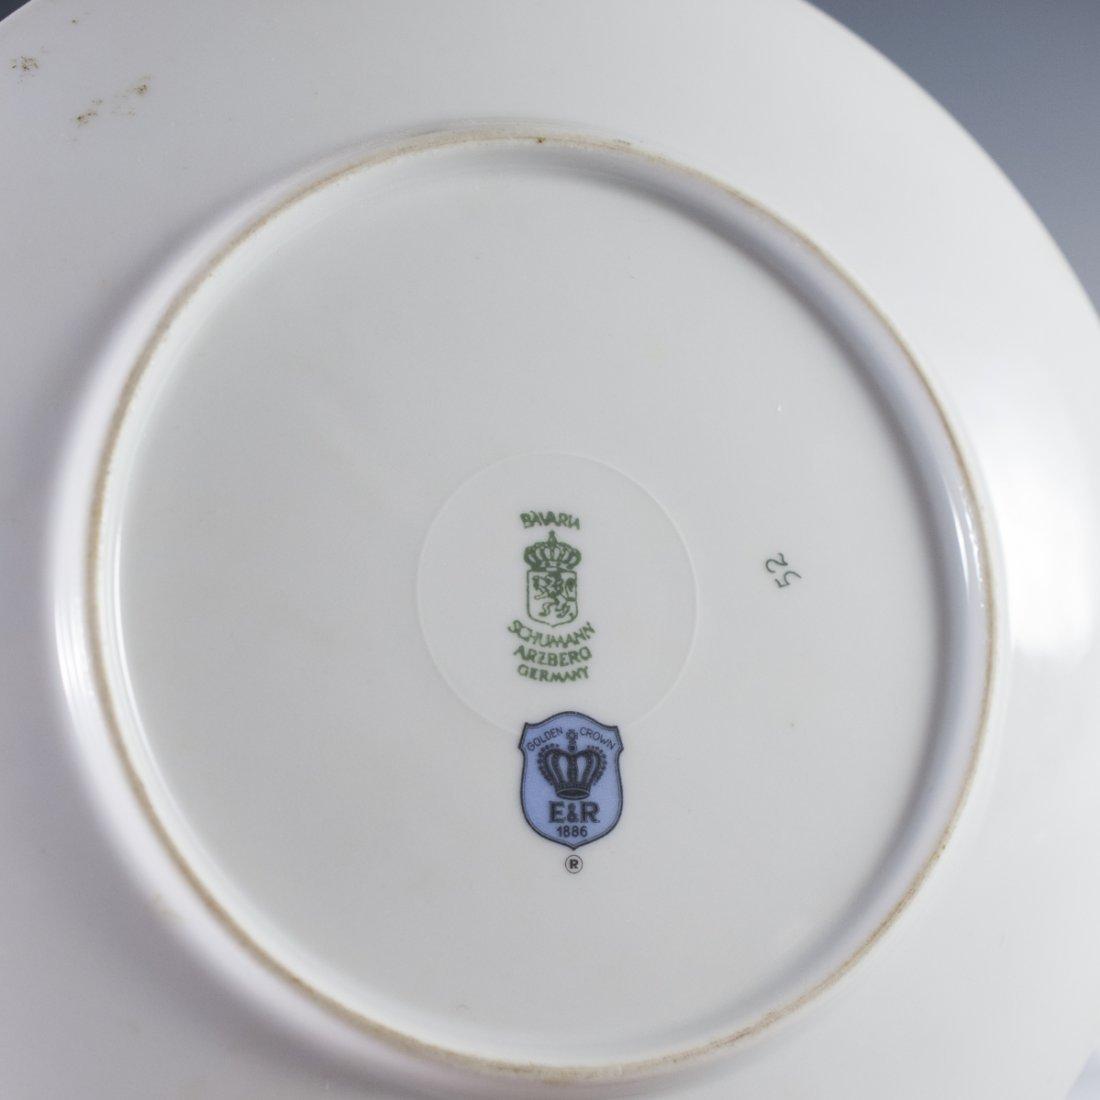 Schumann Arzberg Porcelain Plate - 2